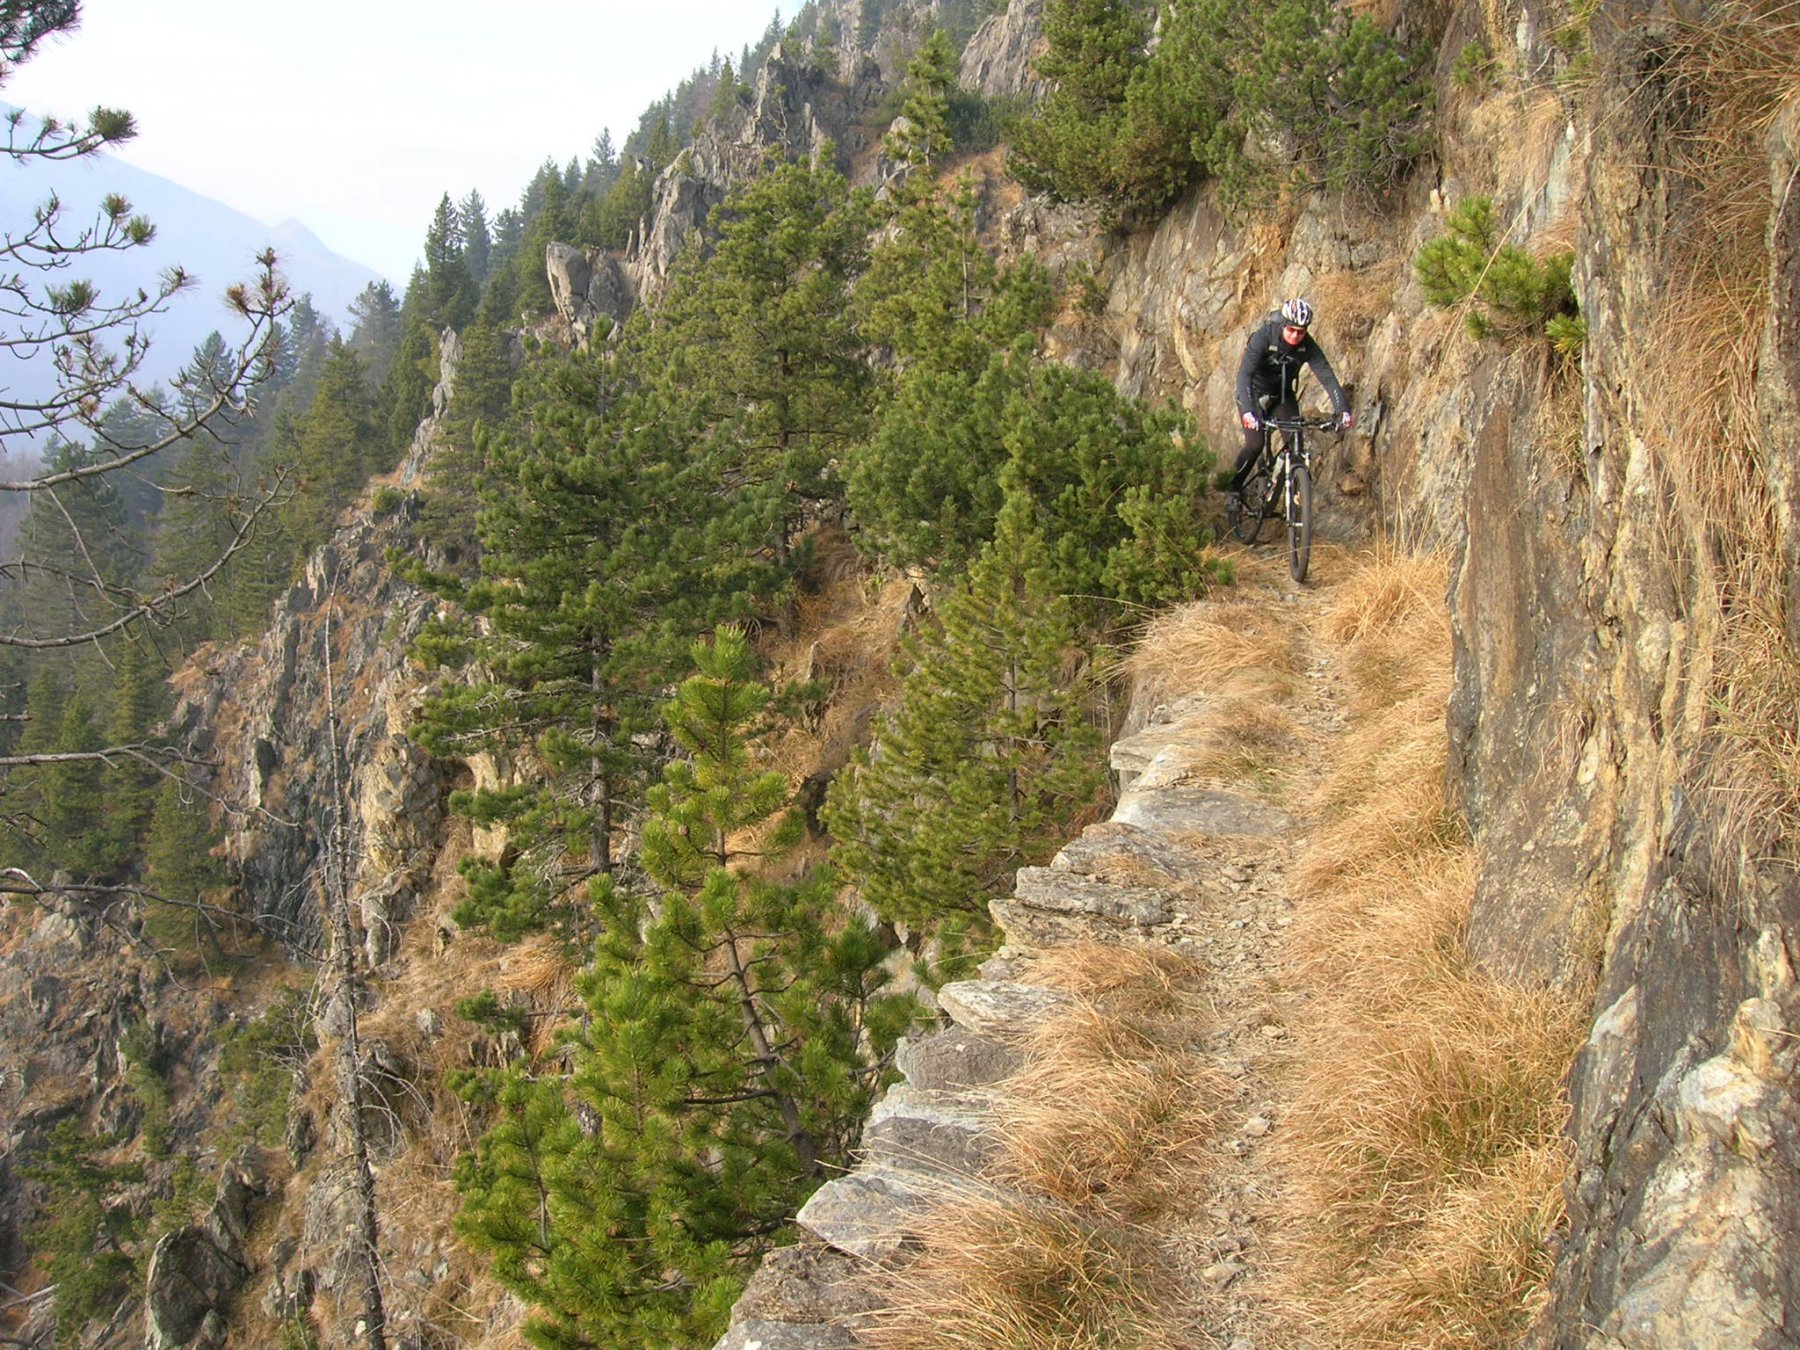 Cialmetta (Colle della) da Fubina per il sentiero forestale 2015-12-05